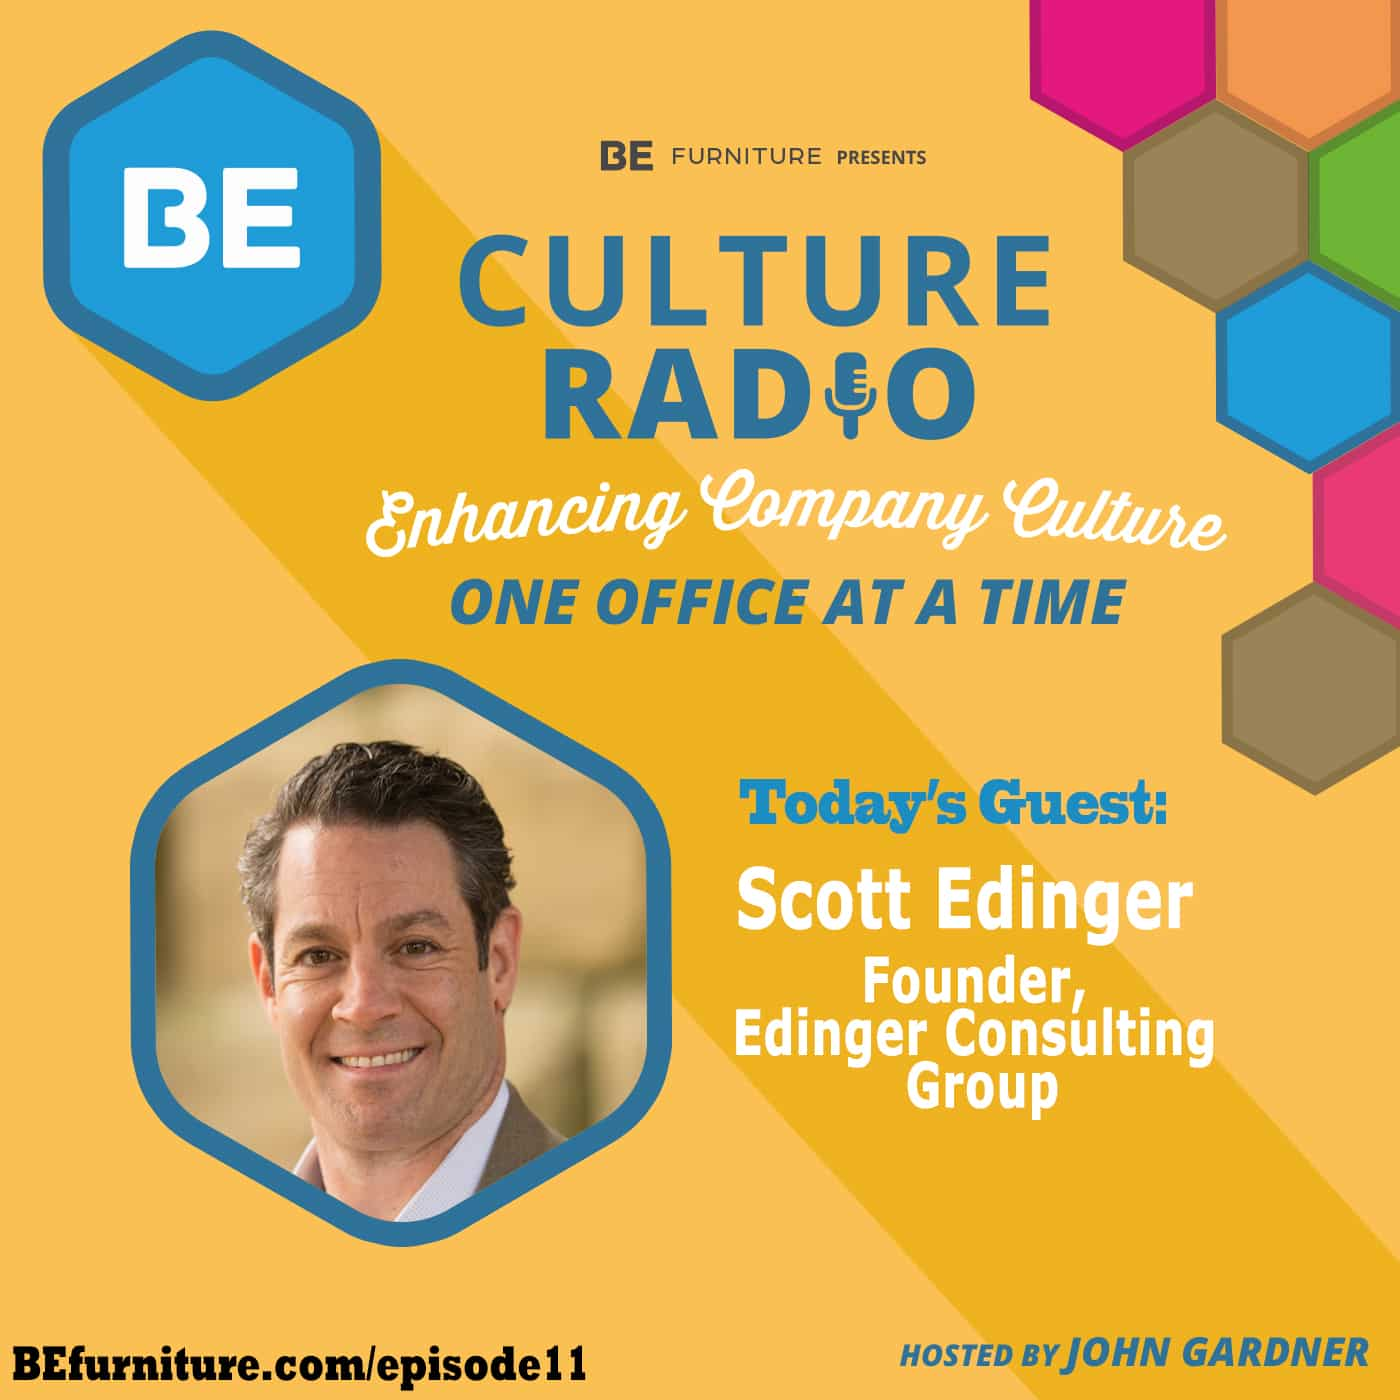 Scott-Edinger